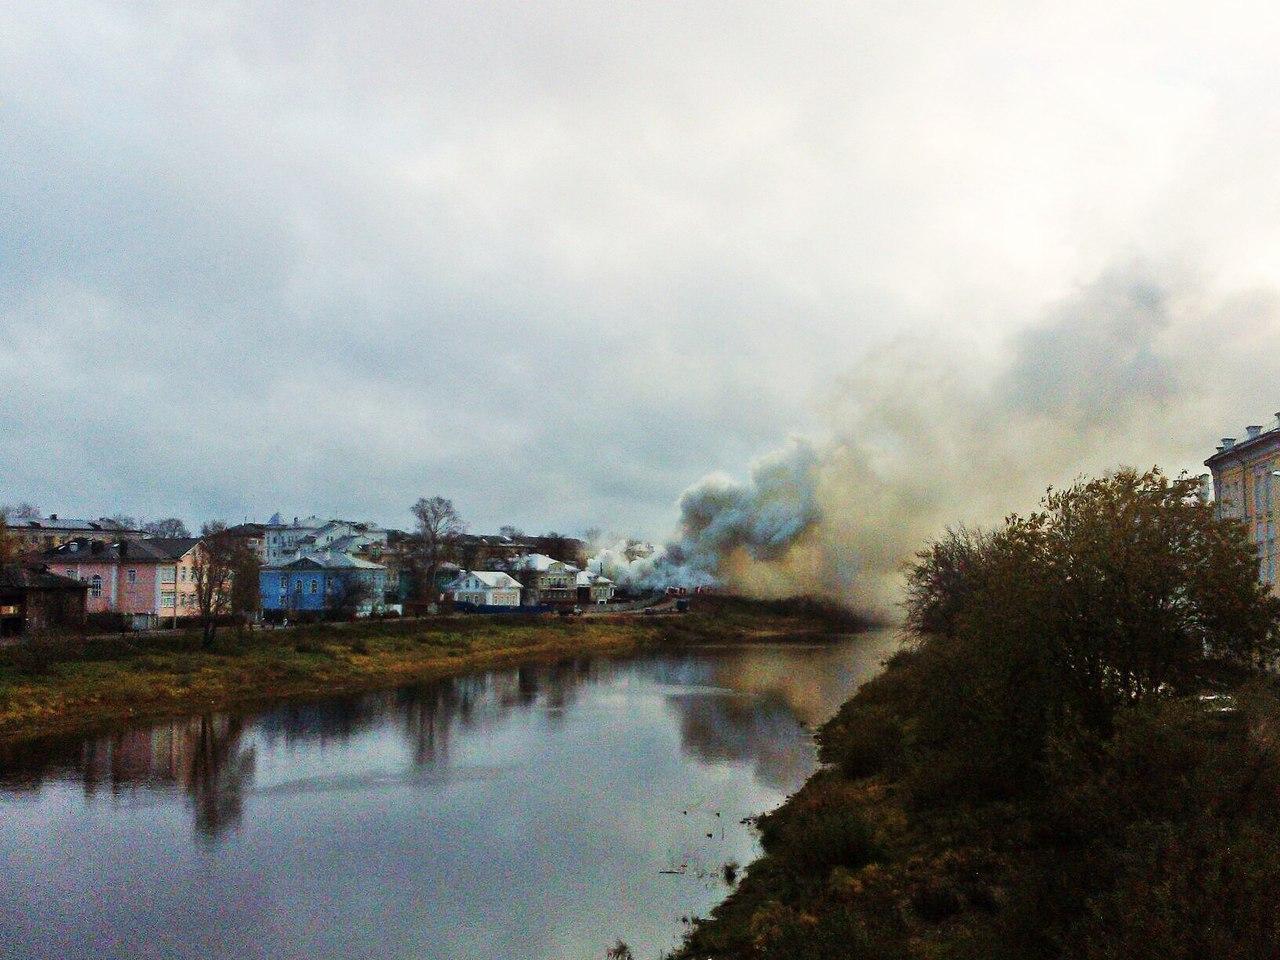 ГУ МЧС: старый дом на Набережной в Вологде, вероятно, подожгли